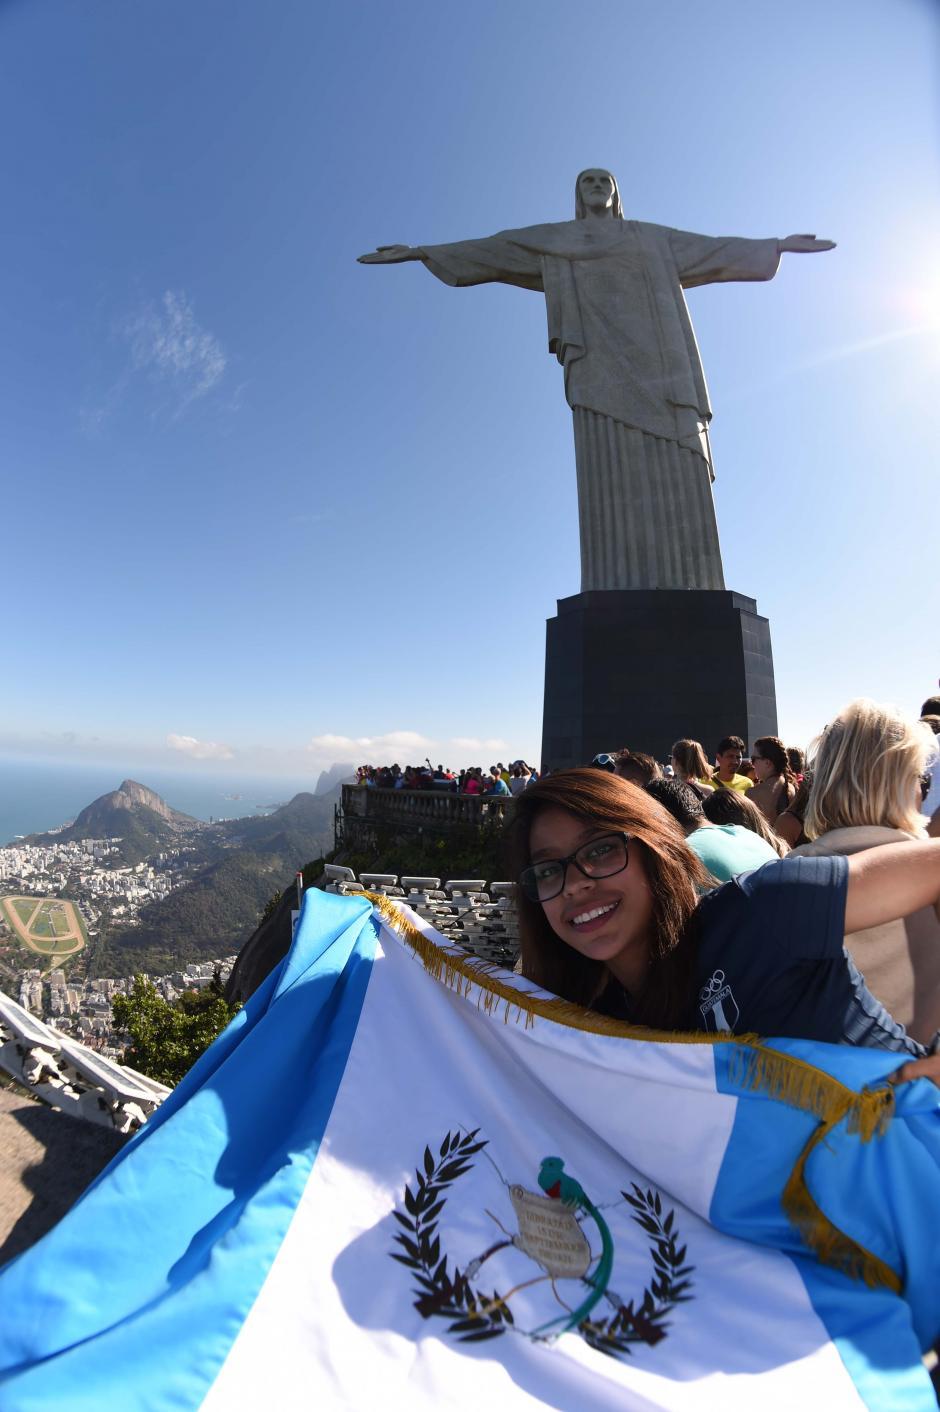 La bandera de Guatemala ondeó en lo más alto del cerro del Corcovado en Río de Janeiro. (Foto: Aldo Martínez/Enviado especial de Nuestro Diario)